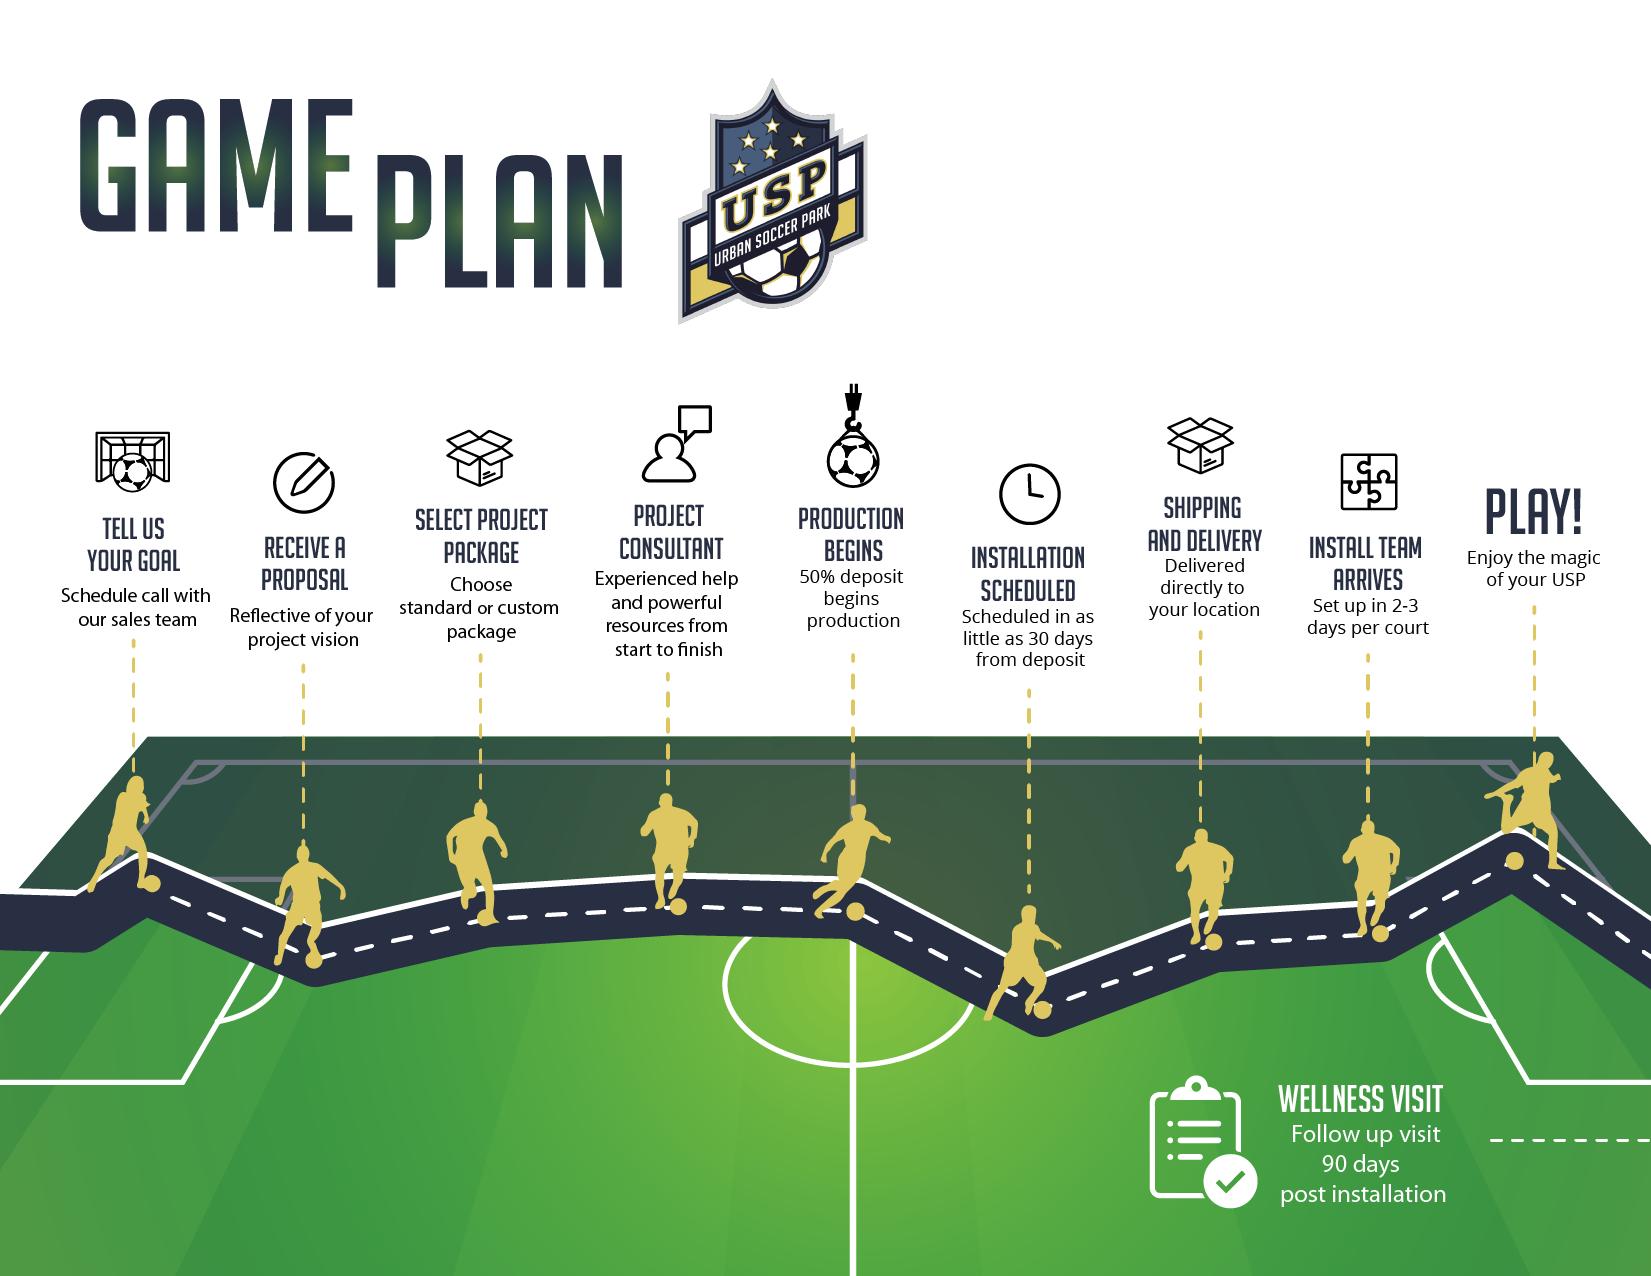 USPRoadMap_RoadMap_SoccerField-1